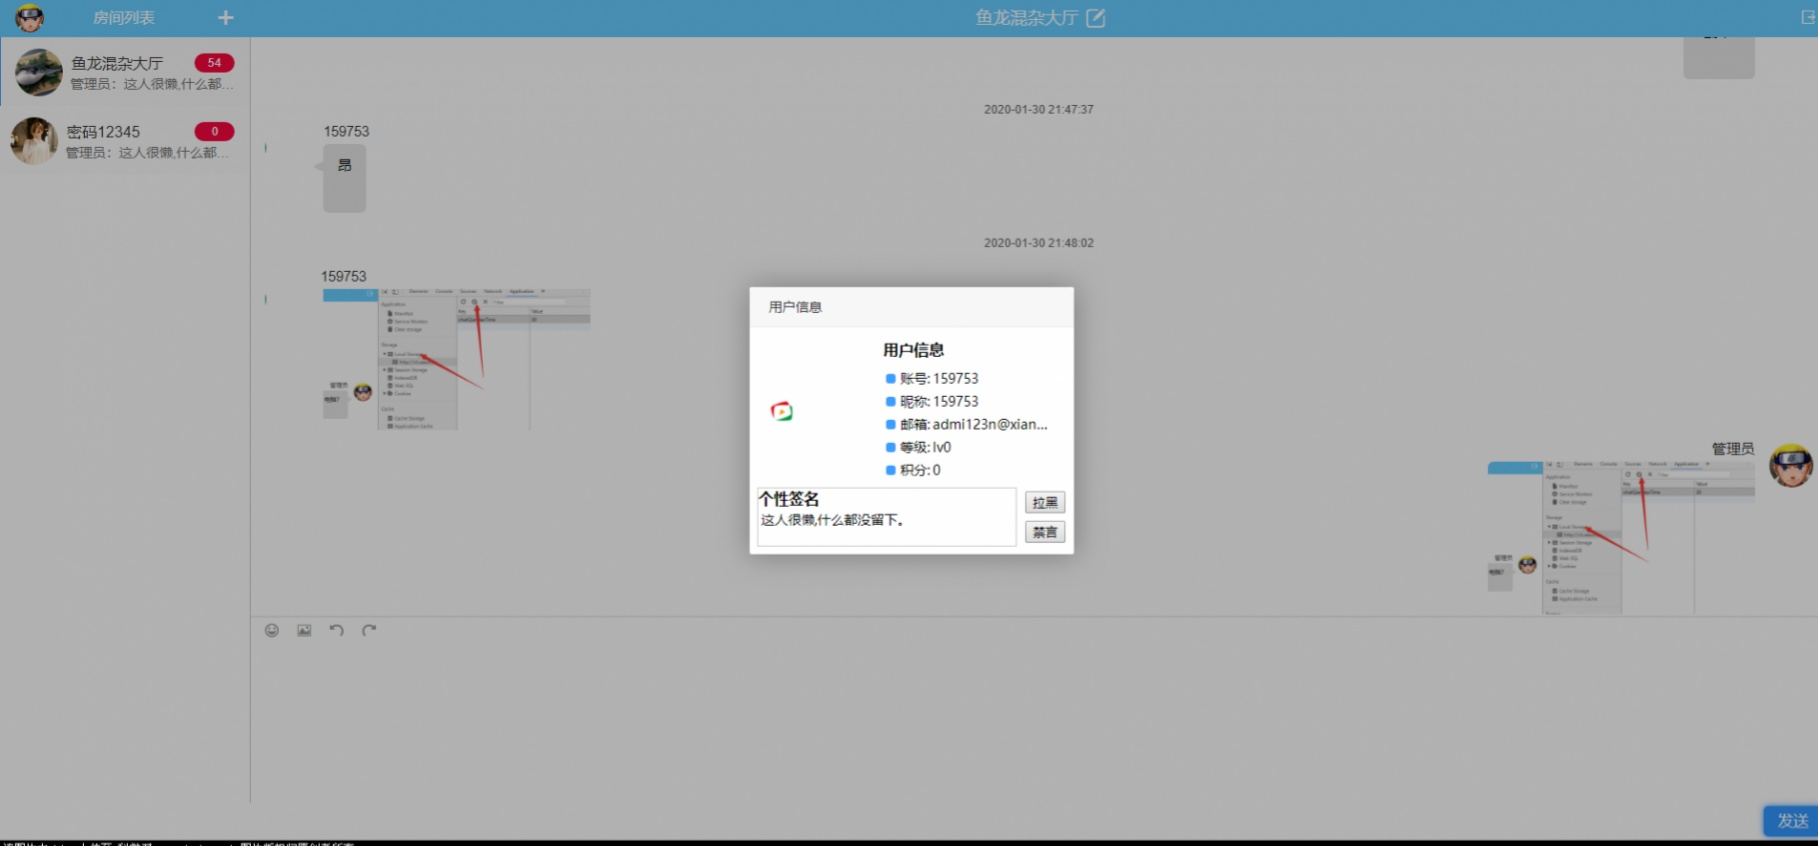 一款聊天系统源码插图